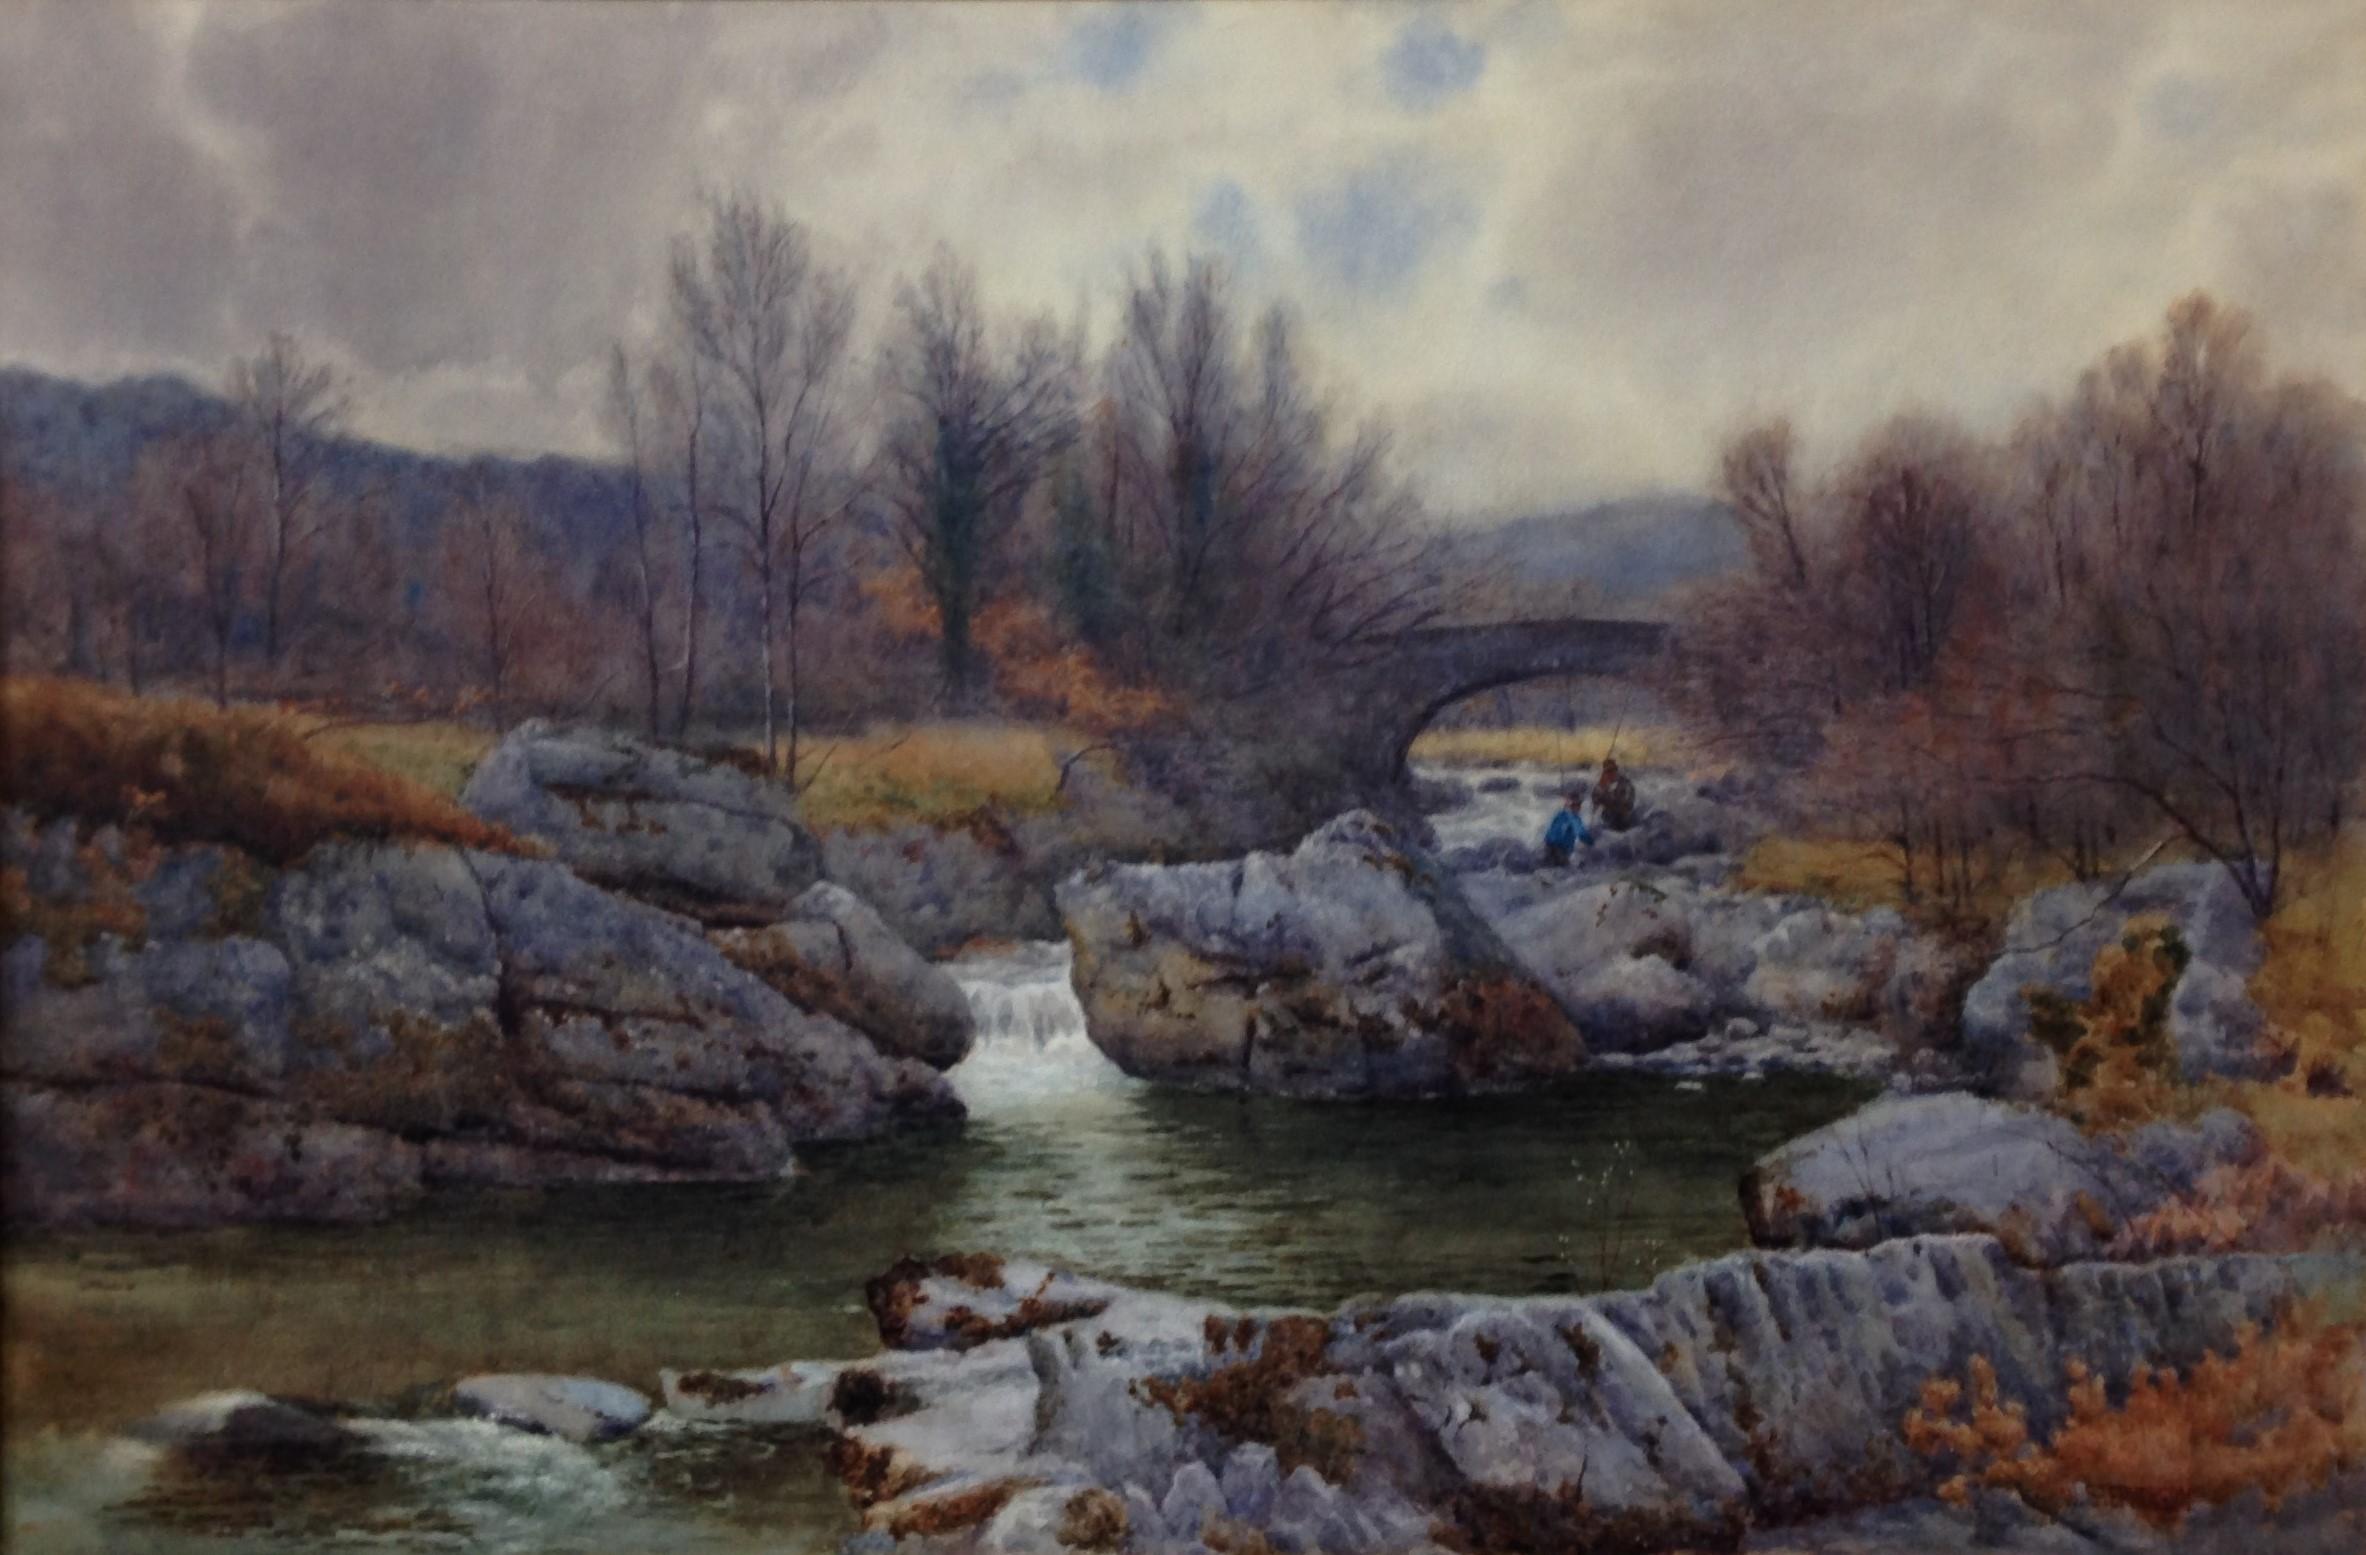 Willie Stevenson